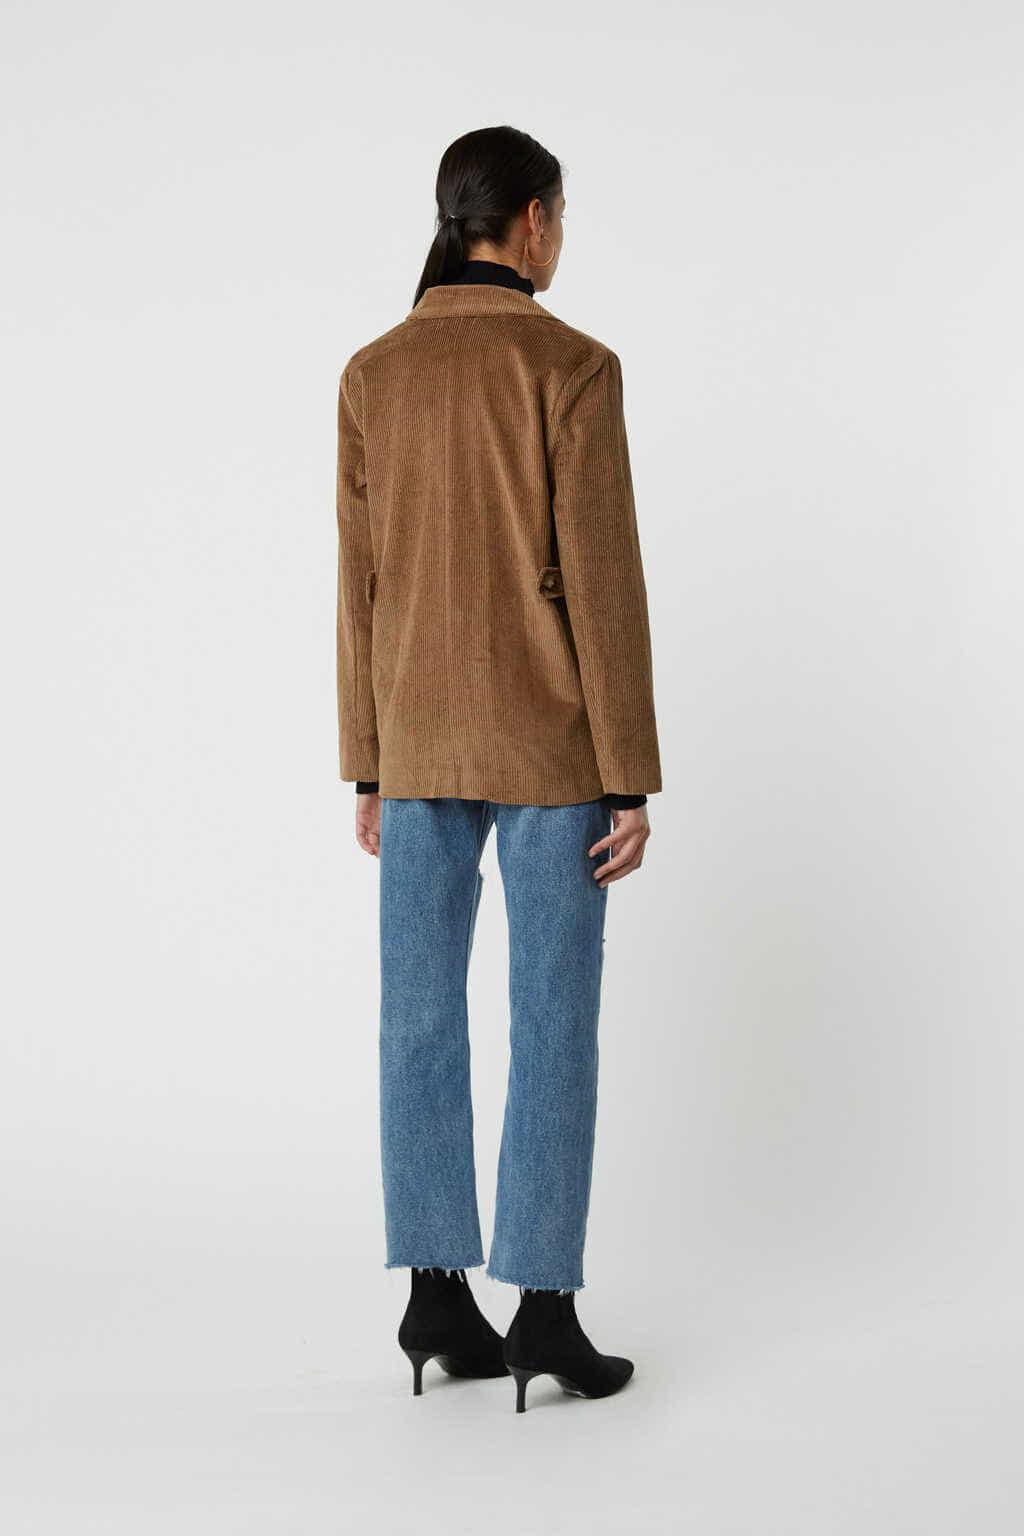 Jacket J005 Brown 4